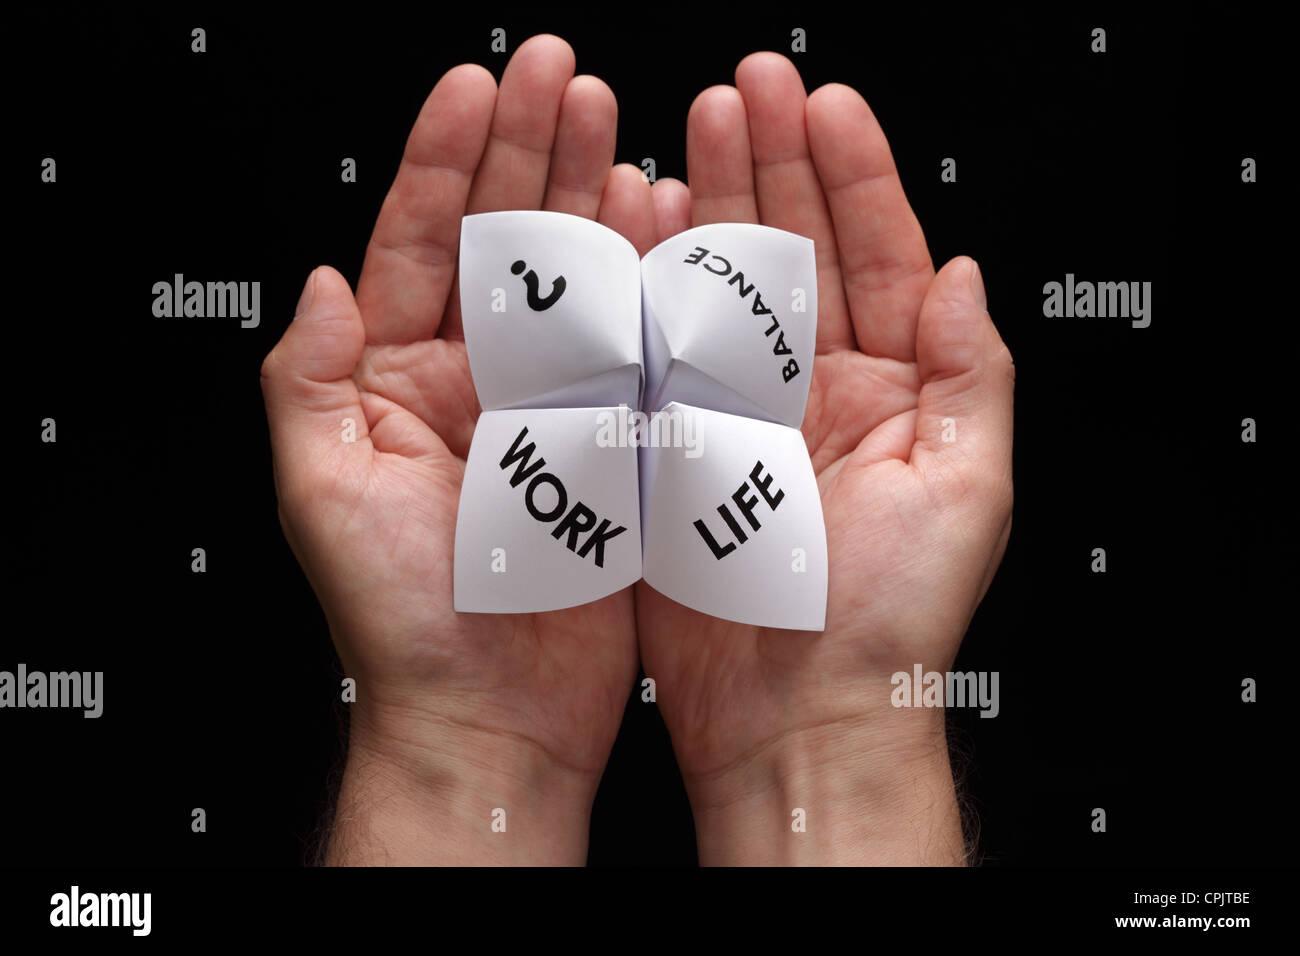 Choix entre travail et vie personnelle Banque D'Images